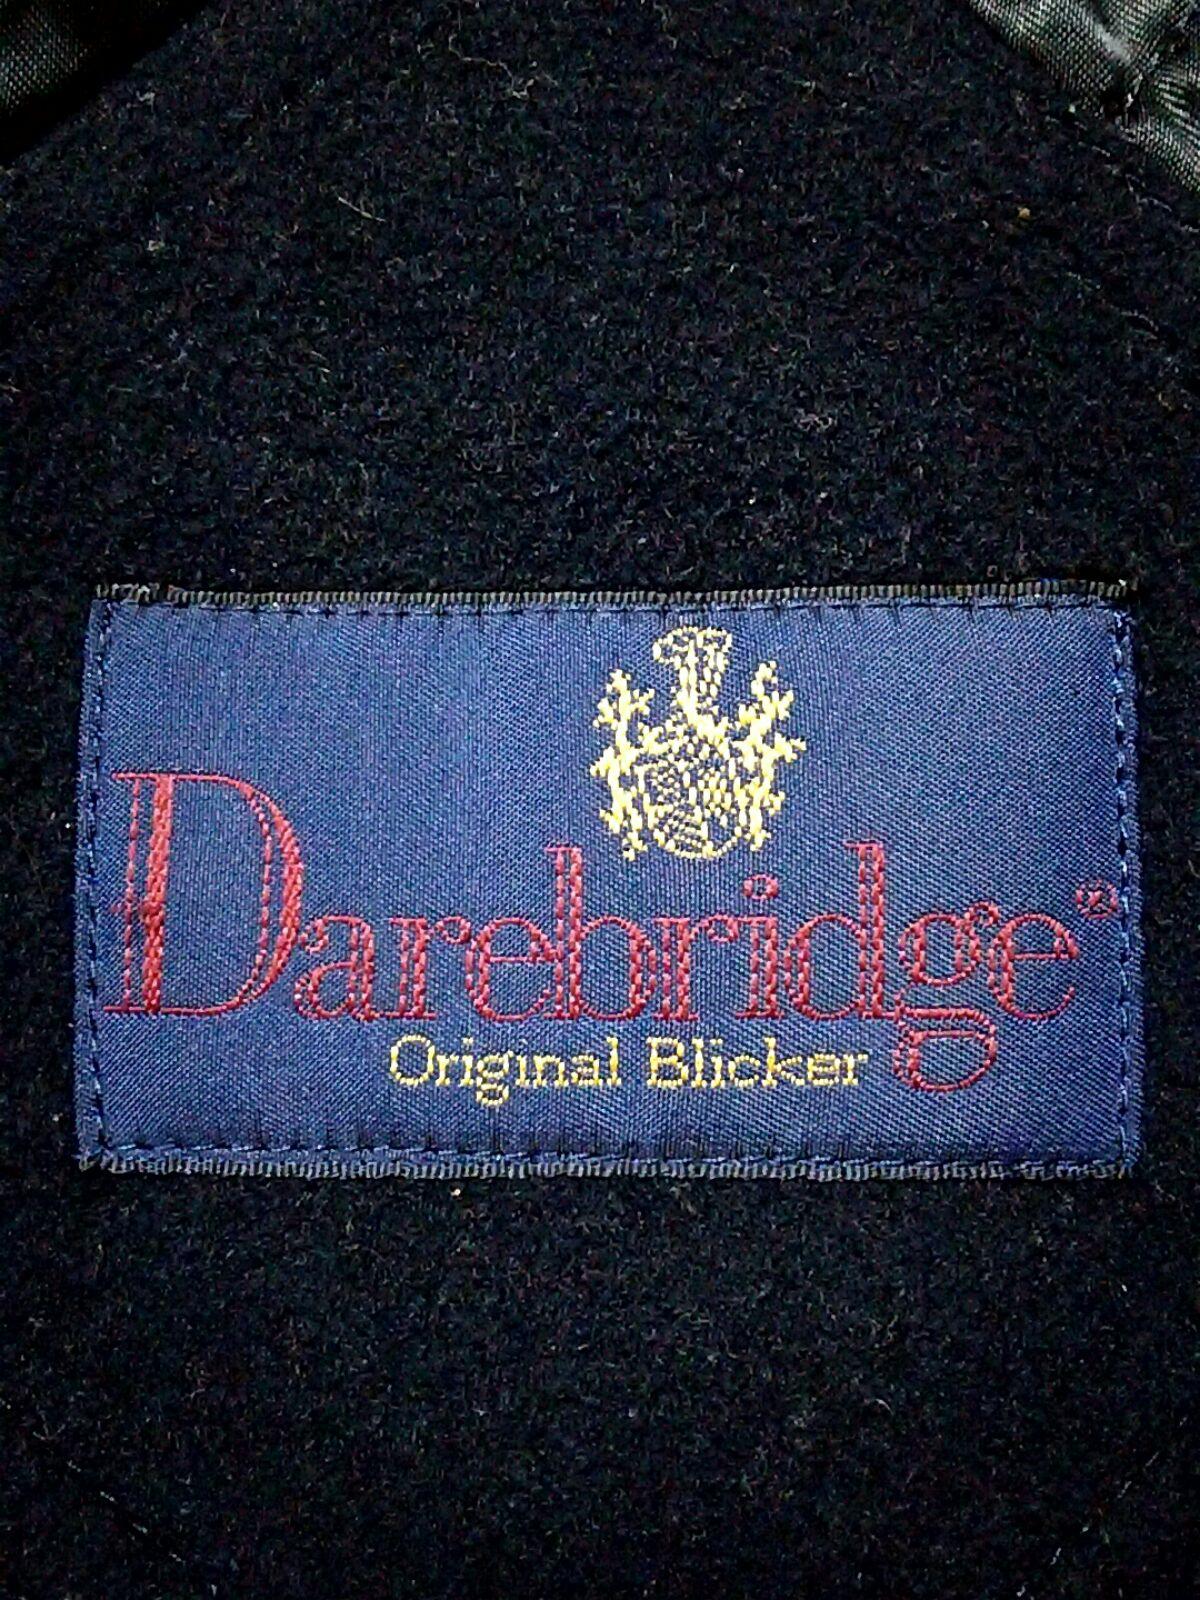 Darebridge(デアブリッジ)のコート